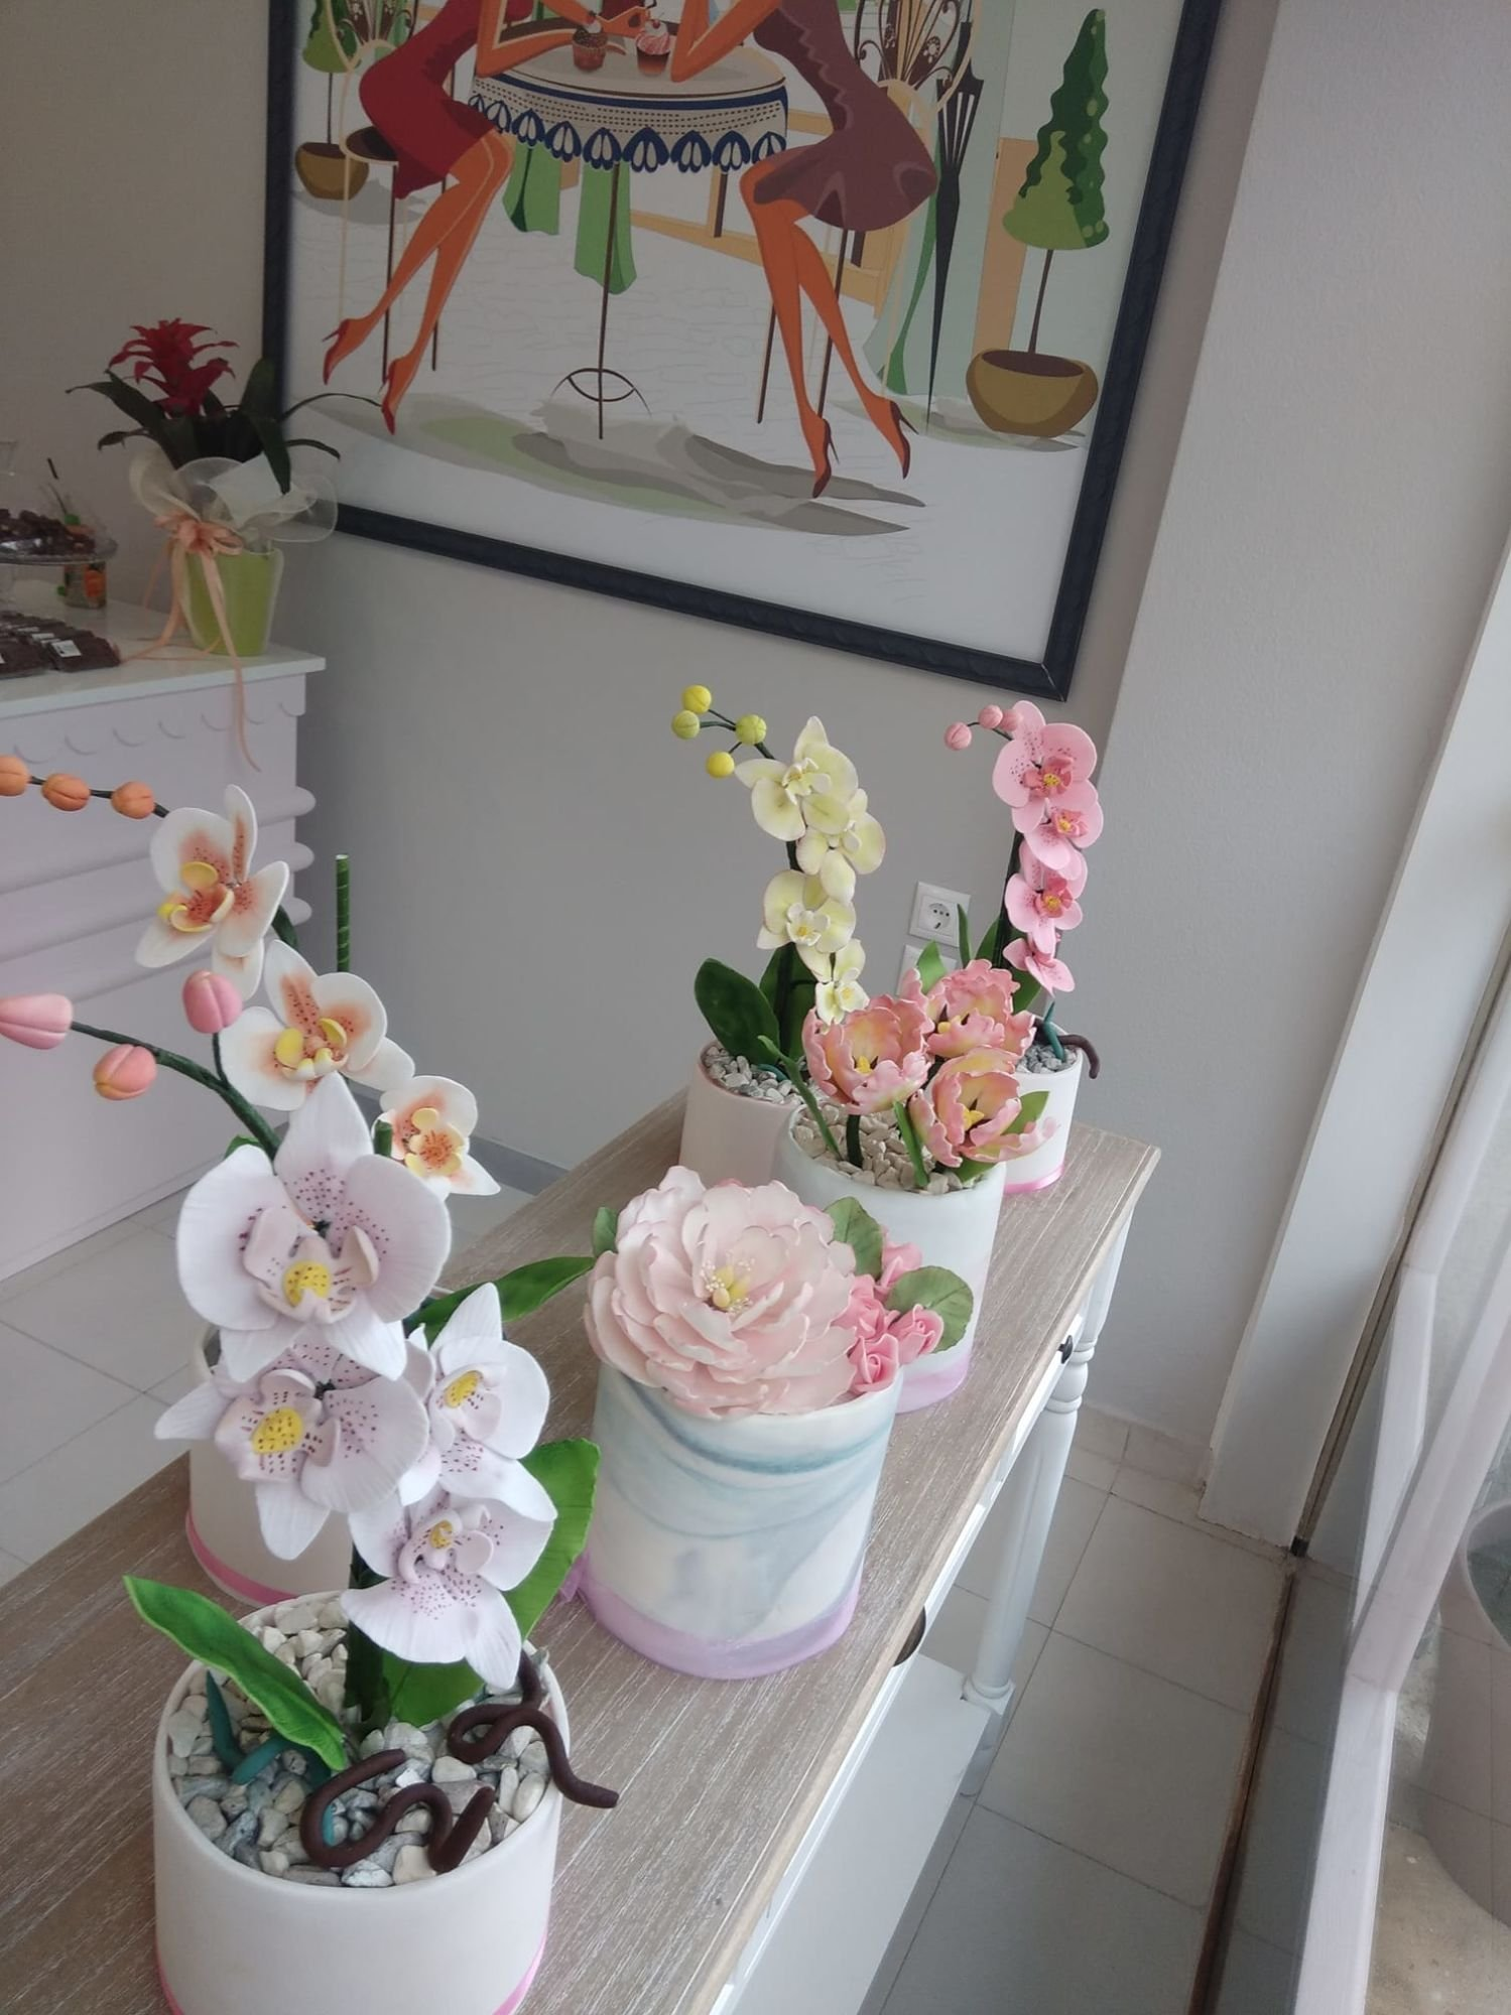 λουλούδια από ζαχαρόπαστα ζαχαροπλαστείο καλαμάτα madamecharlotte.gr, birthday cakes 2d 3d confectionery patisserie kalamata